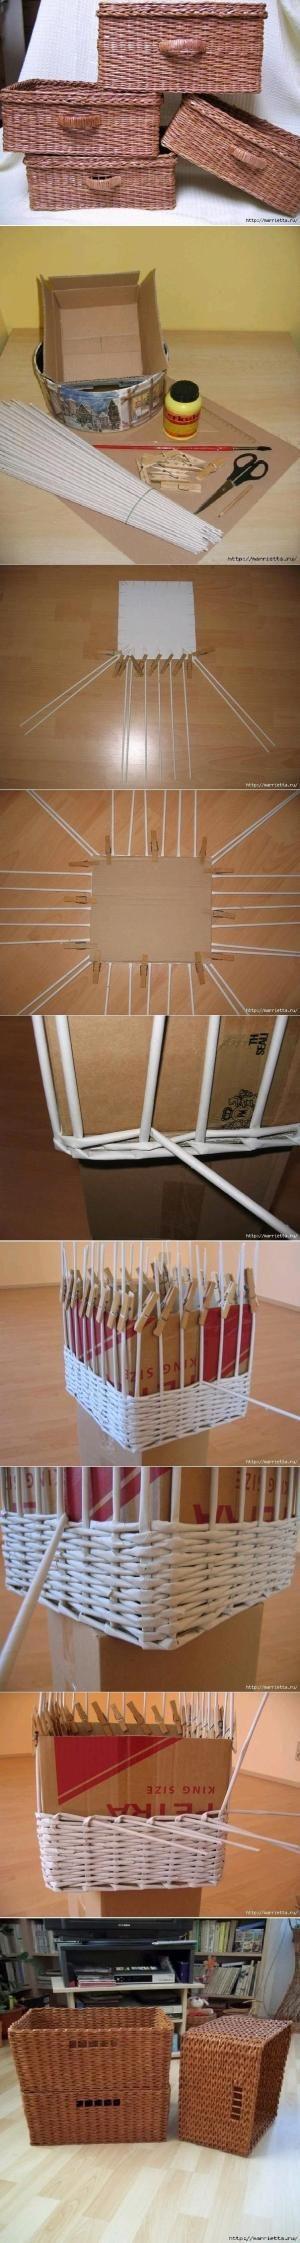 DIY Newspaper Weave Basket by kasrin.knackebrot